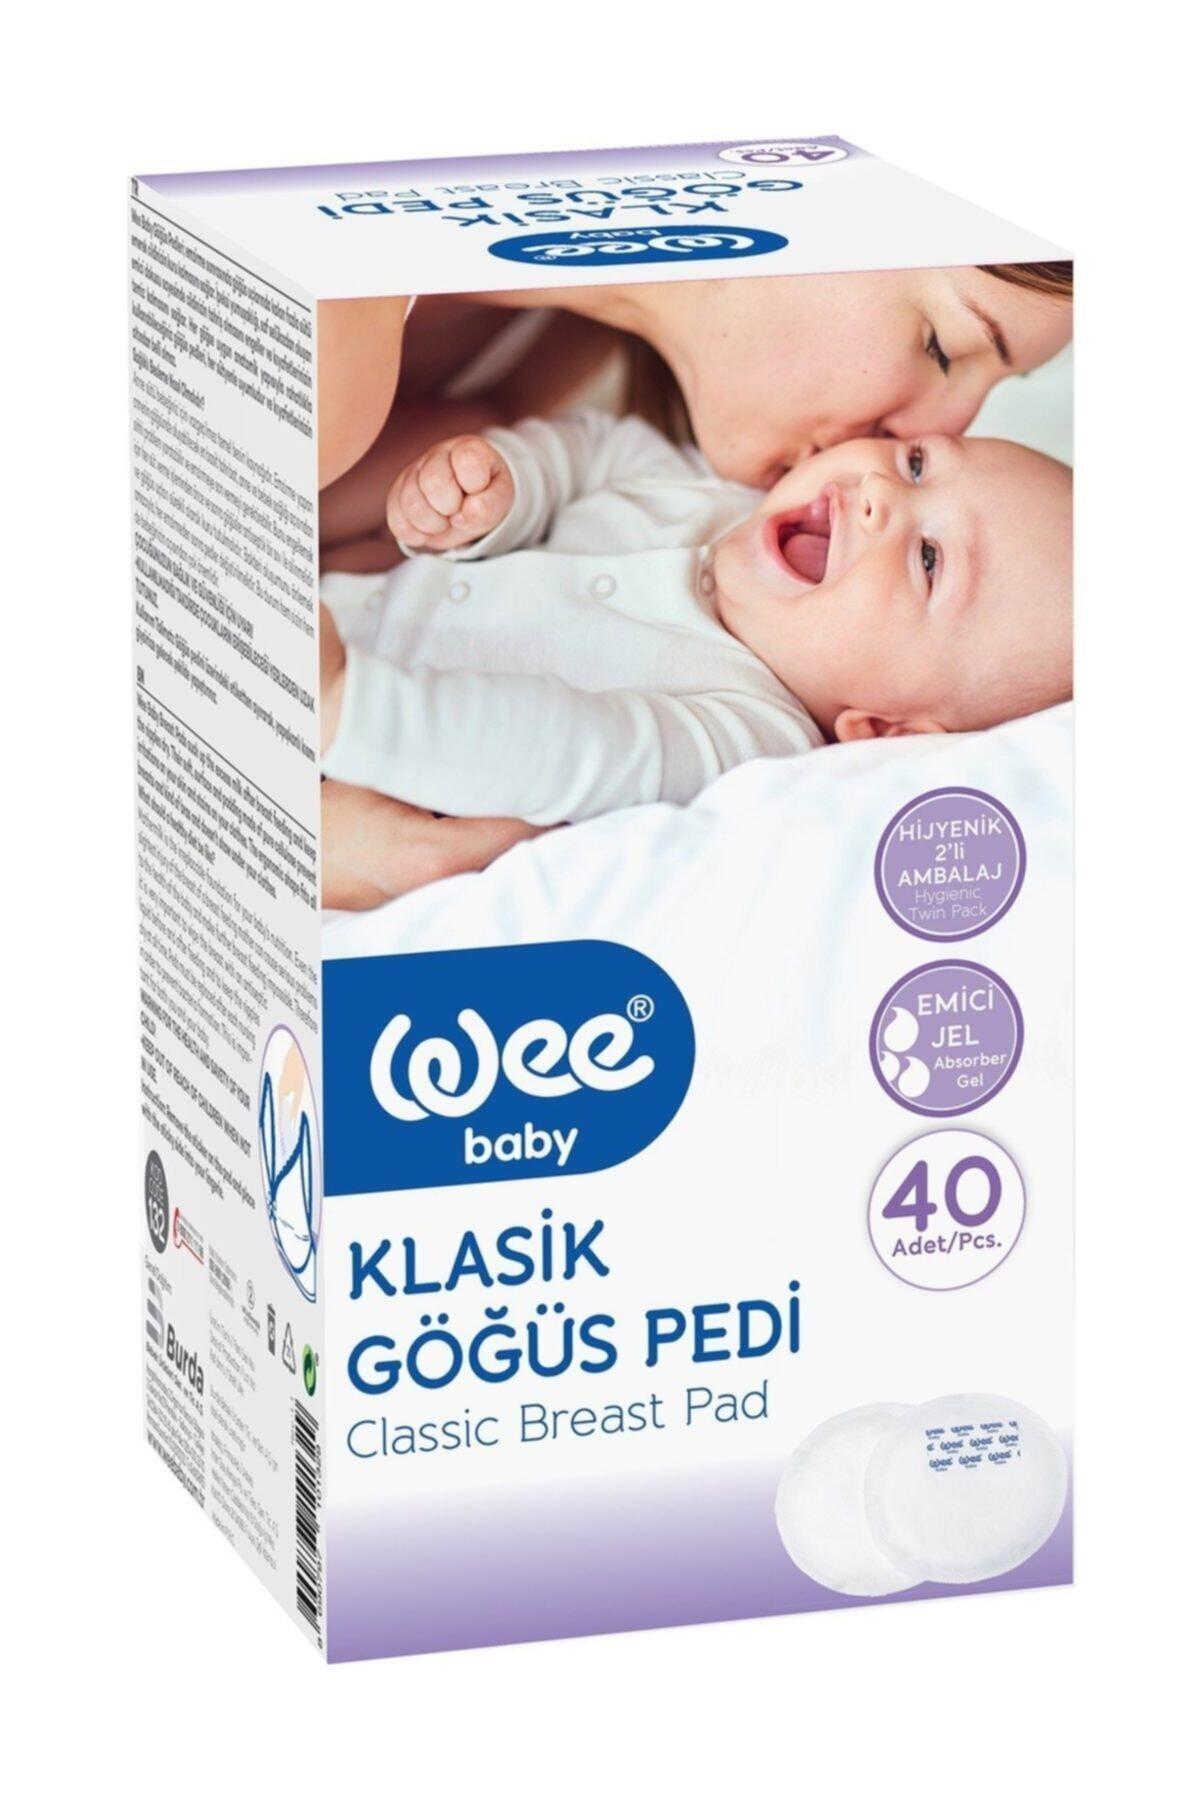 Wee Baby Klasik Göğüs Pedi 40'lı 1